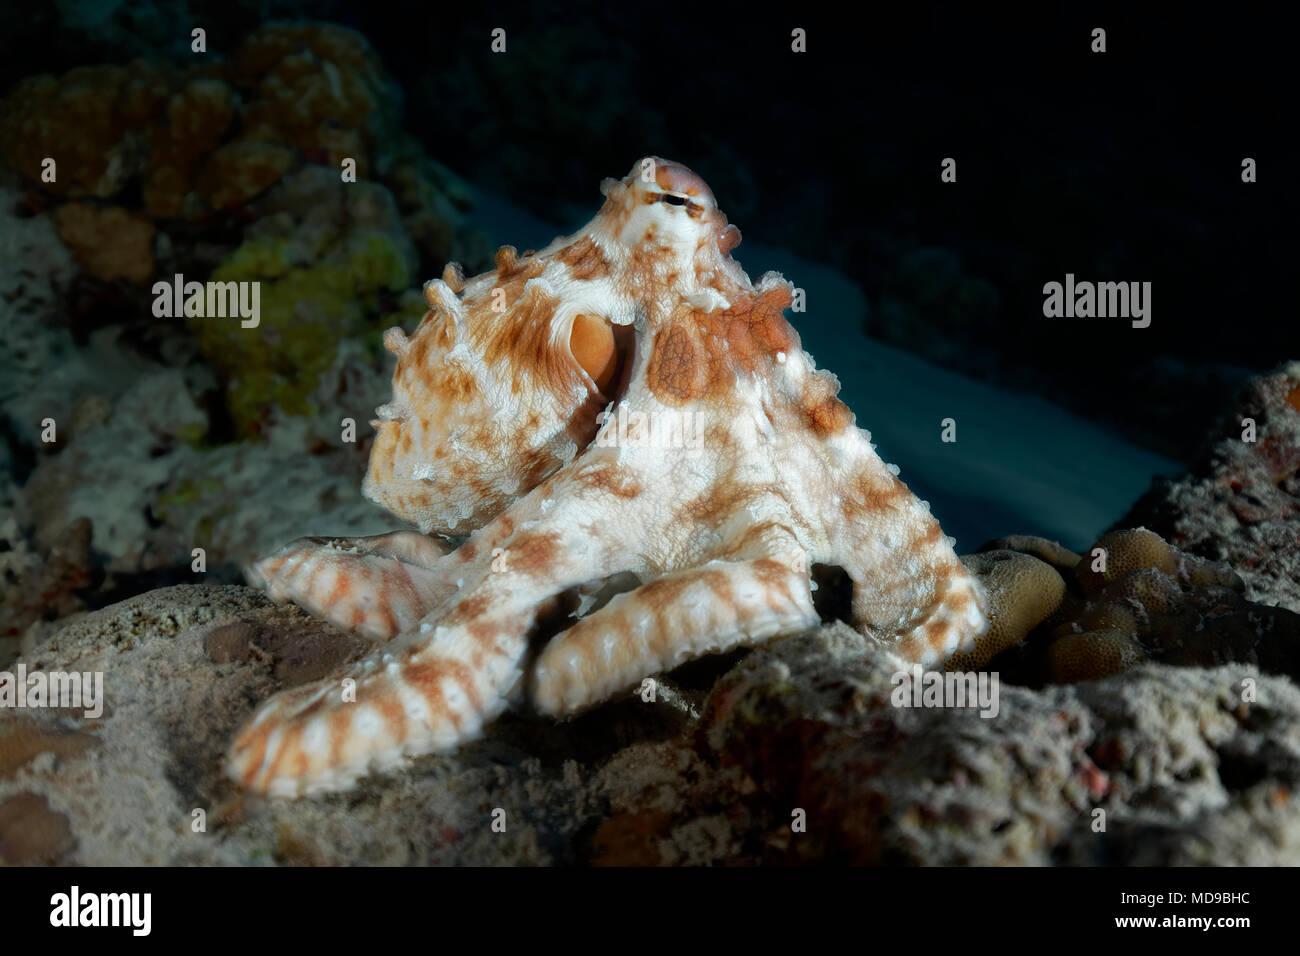 Gemeinsame Krake (Octopus vulgaris), Nachts, Indischer Ozean, Malediven Stockbild